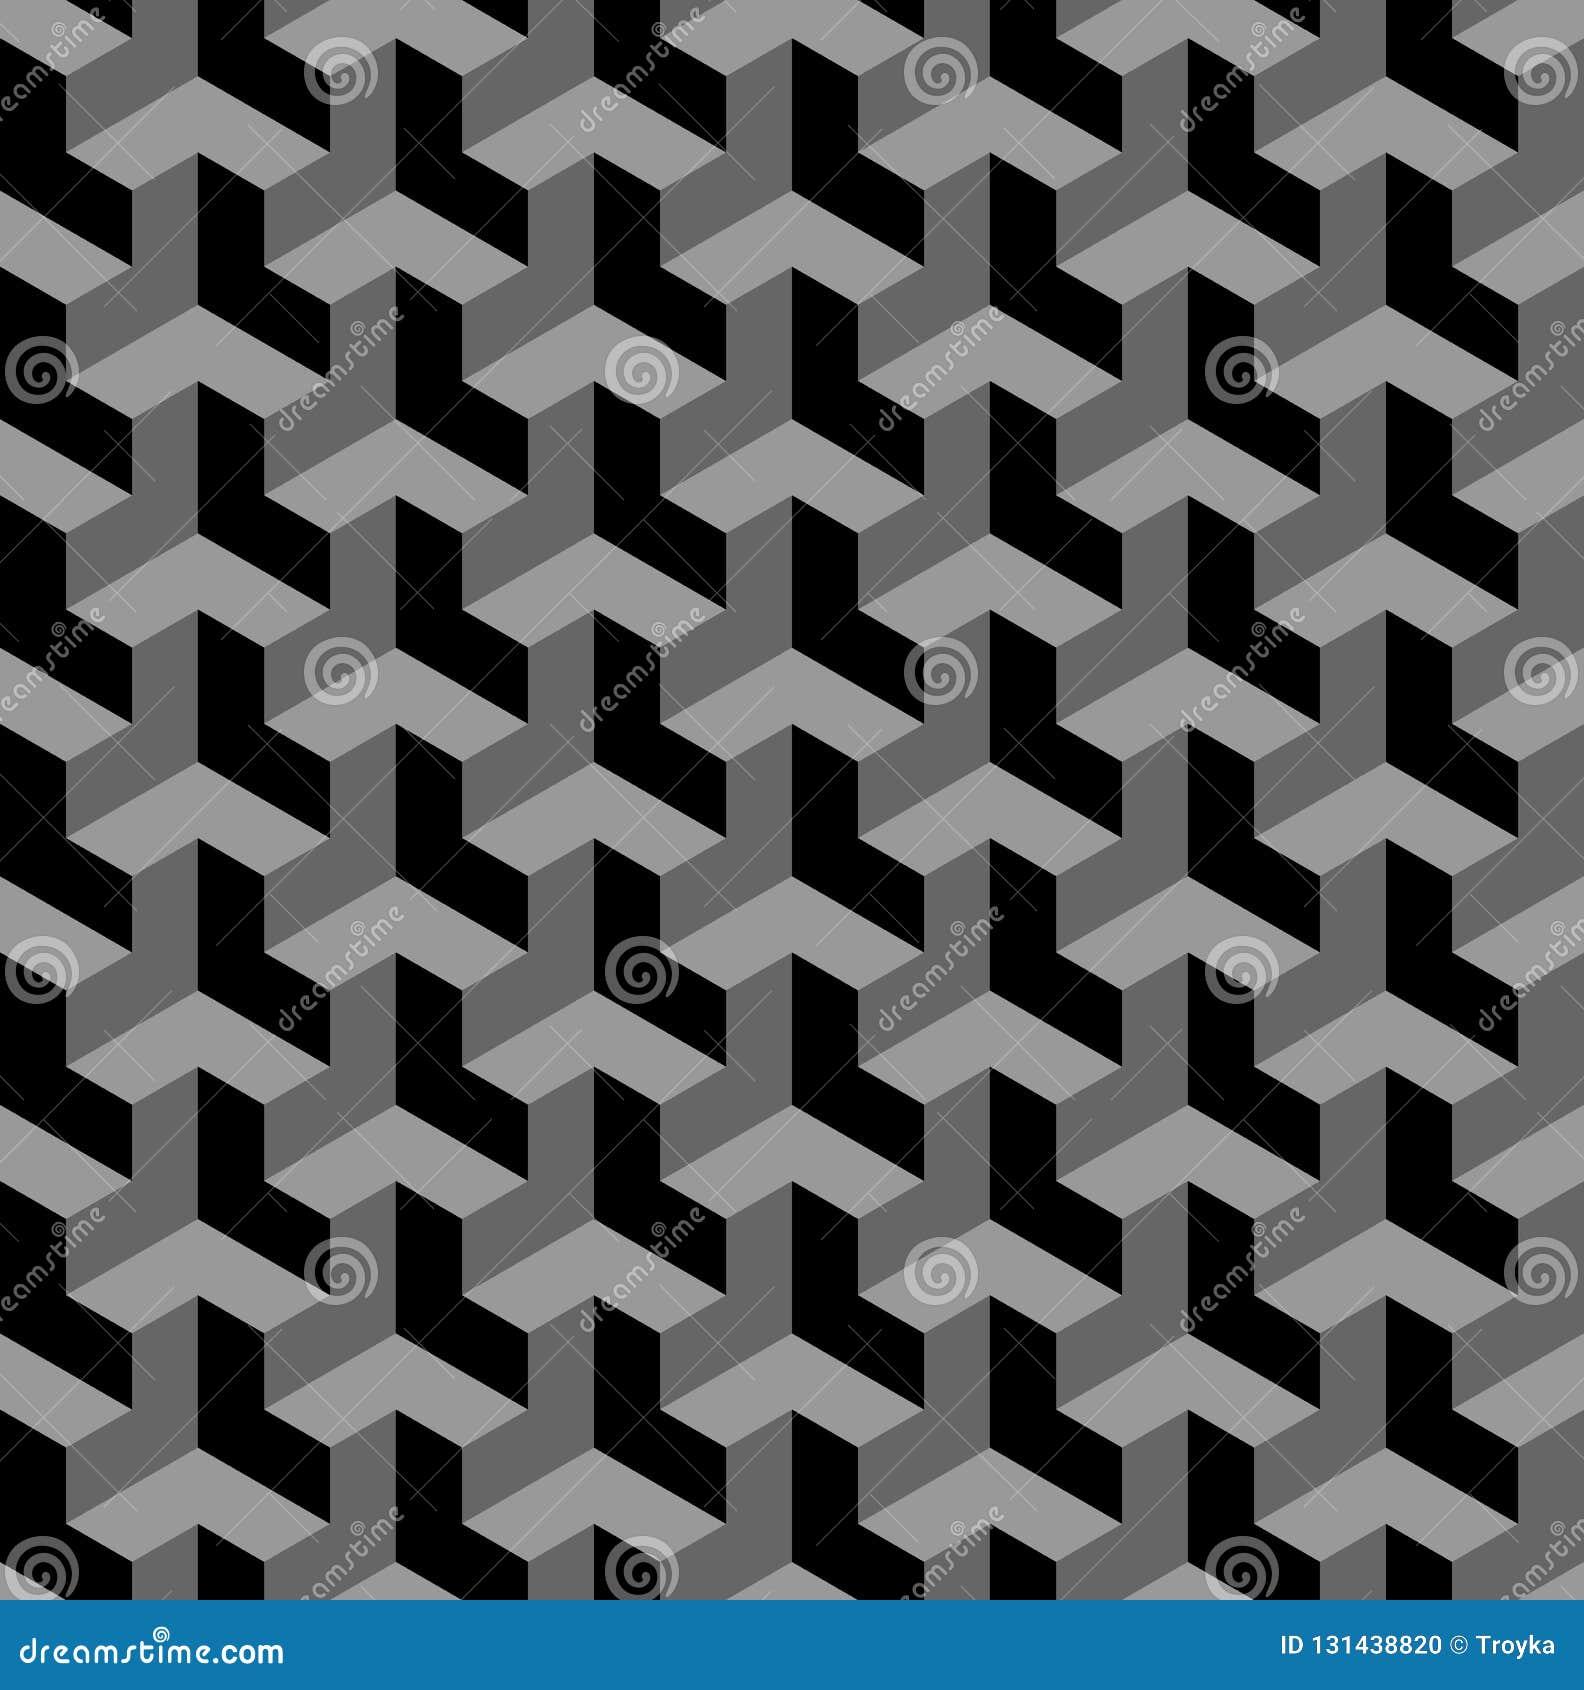 Modèle 3d géométrique sans couture Illusion optique Fond et texture géométriques noirs et gris